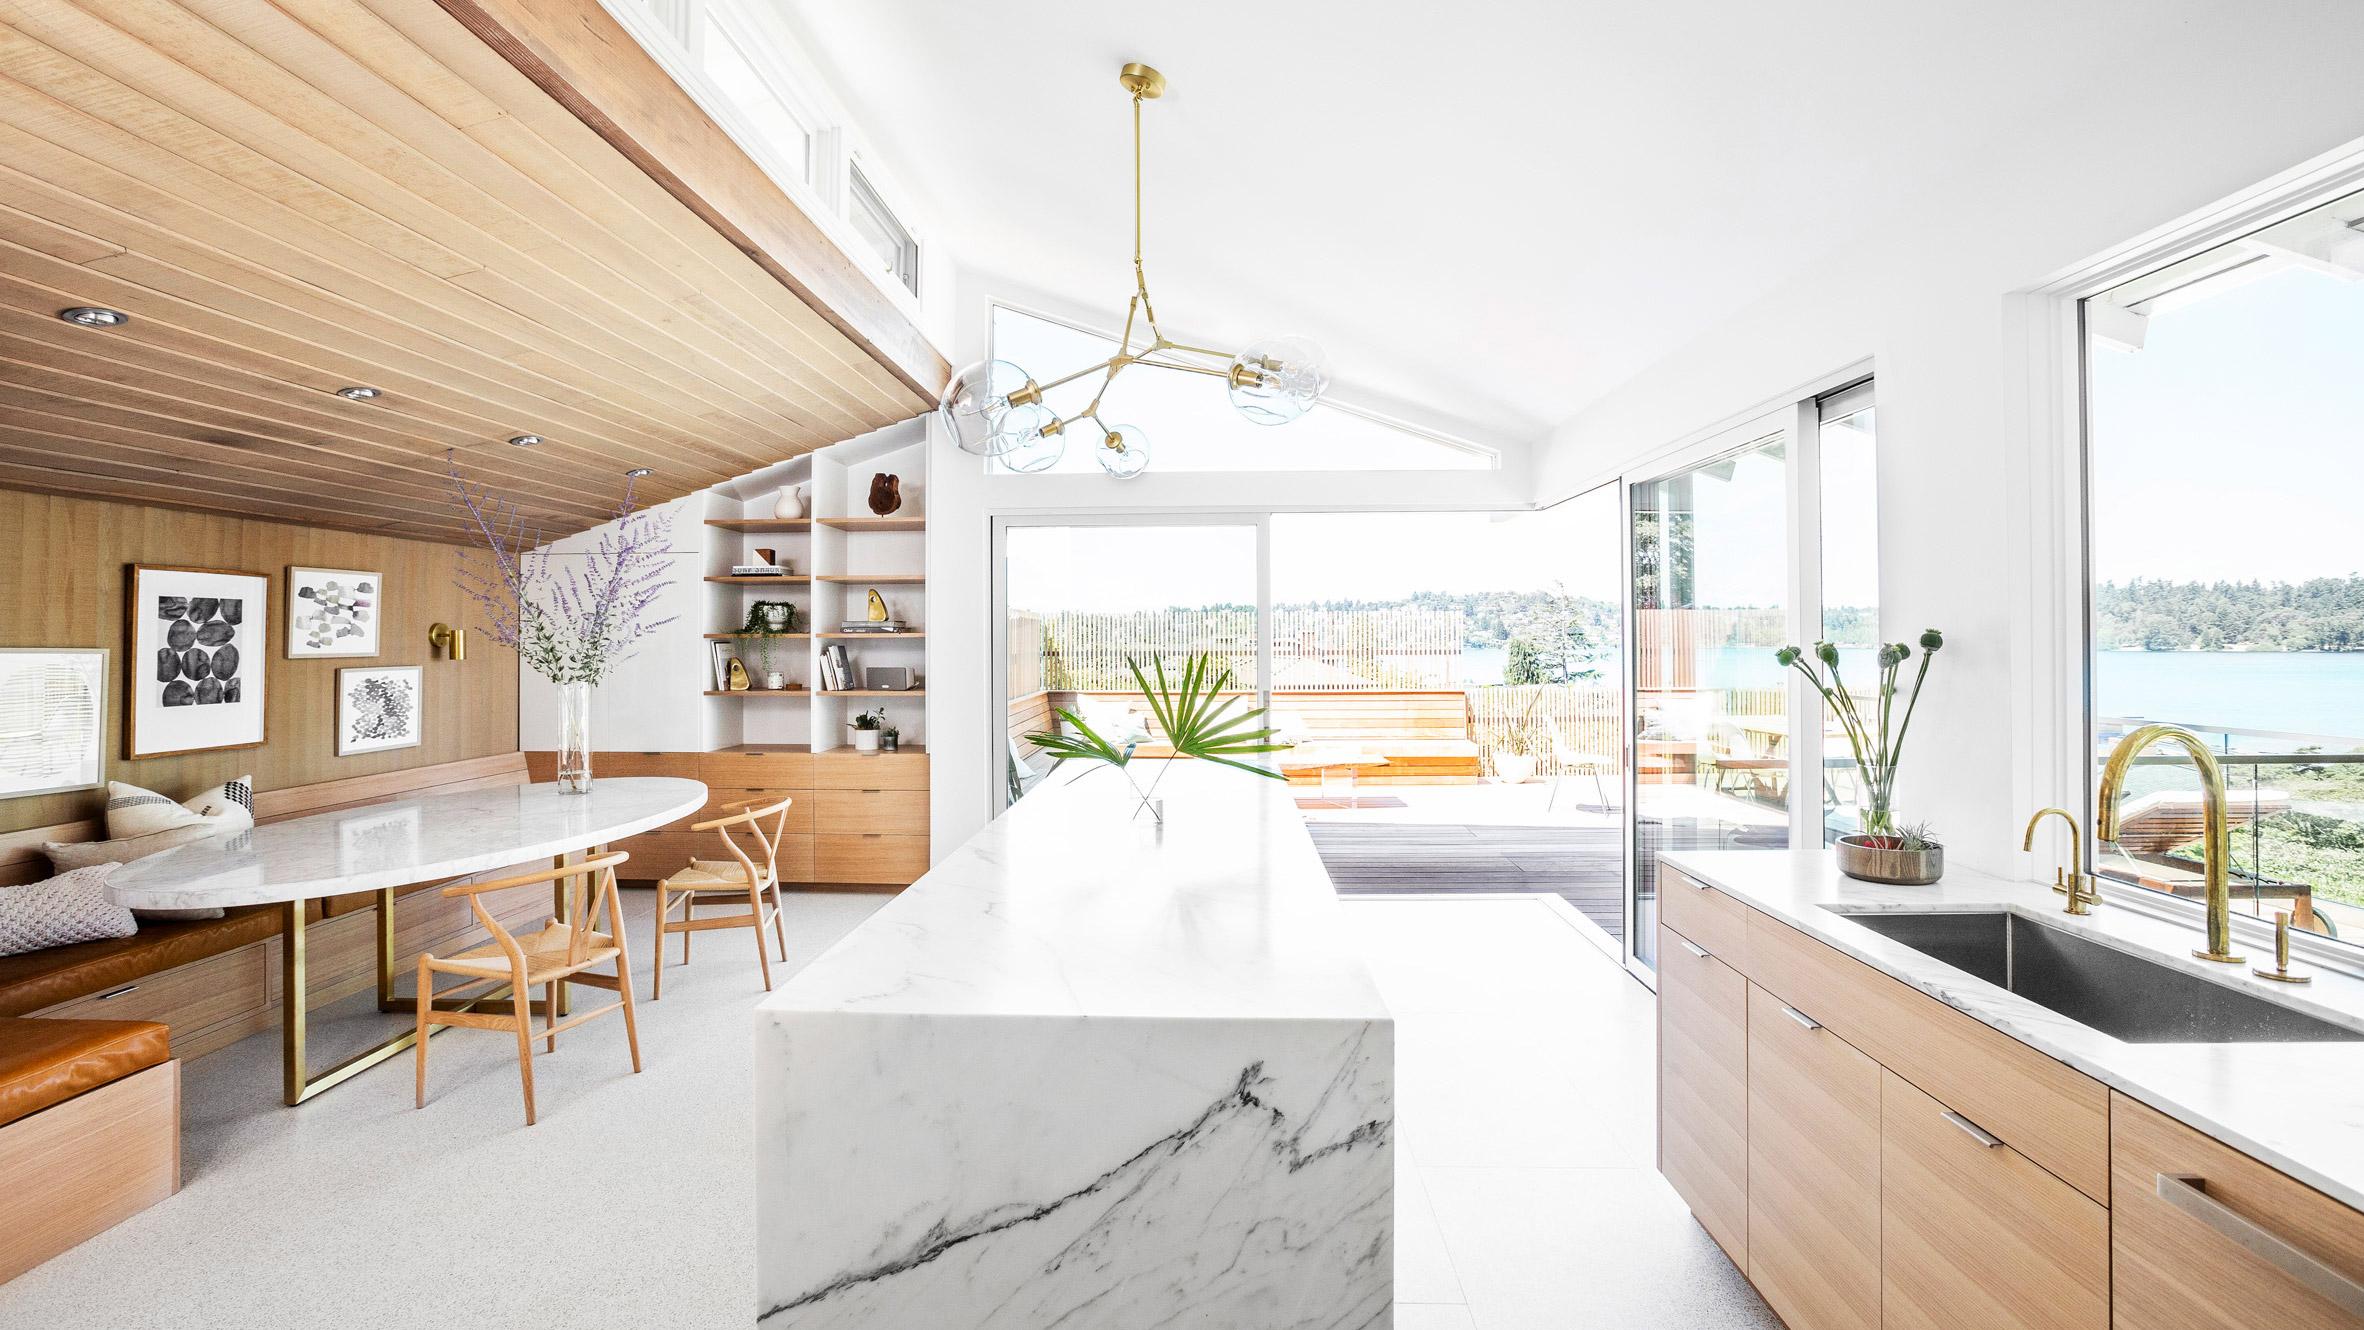 Реновация на къща от 60-те включва нова кухня и тераса